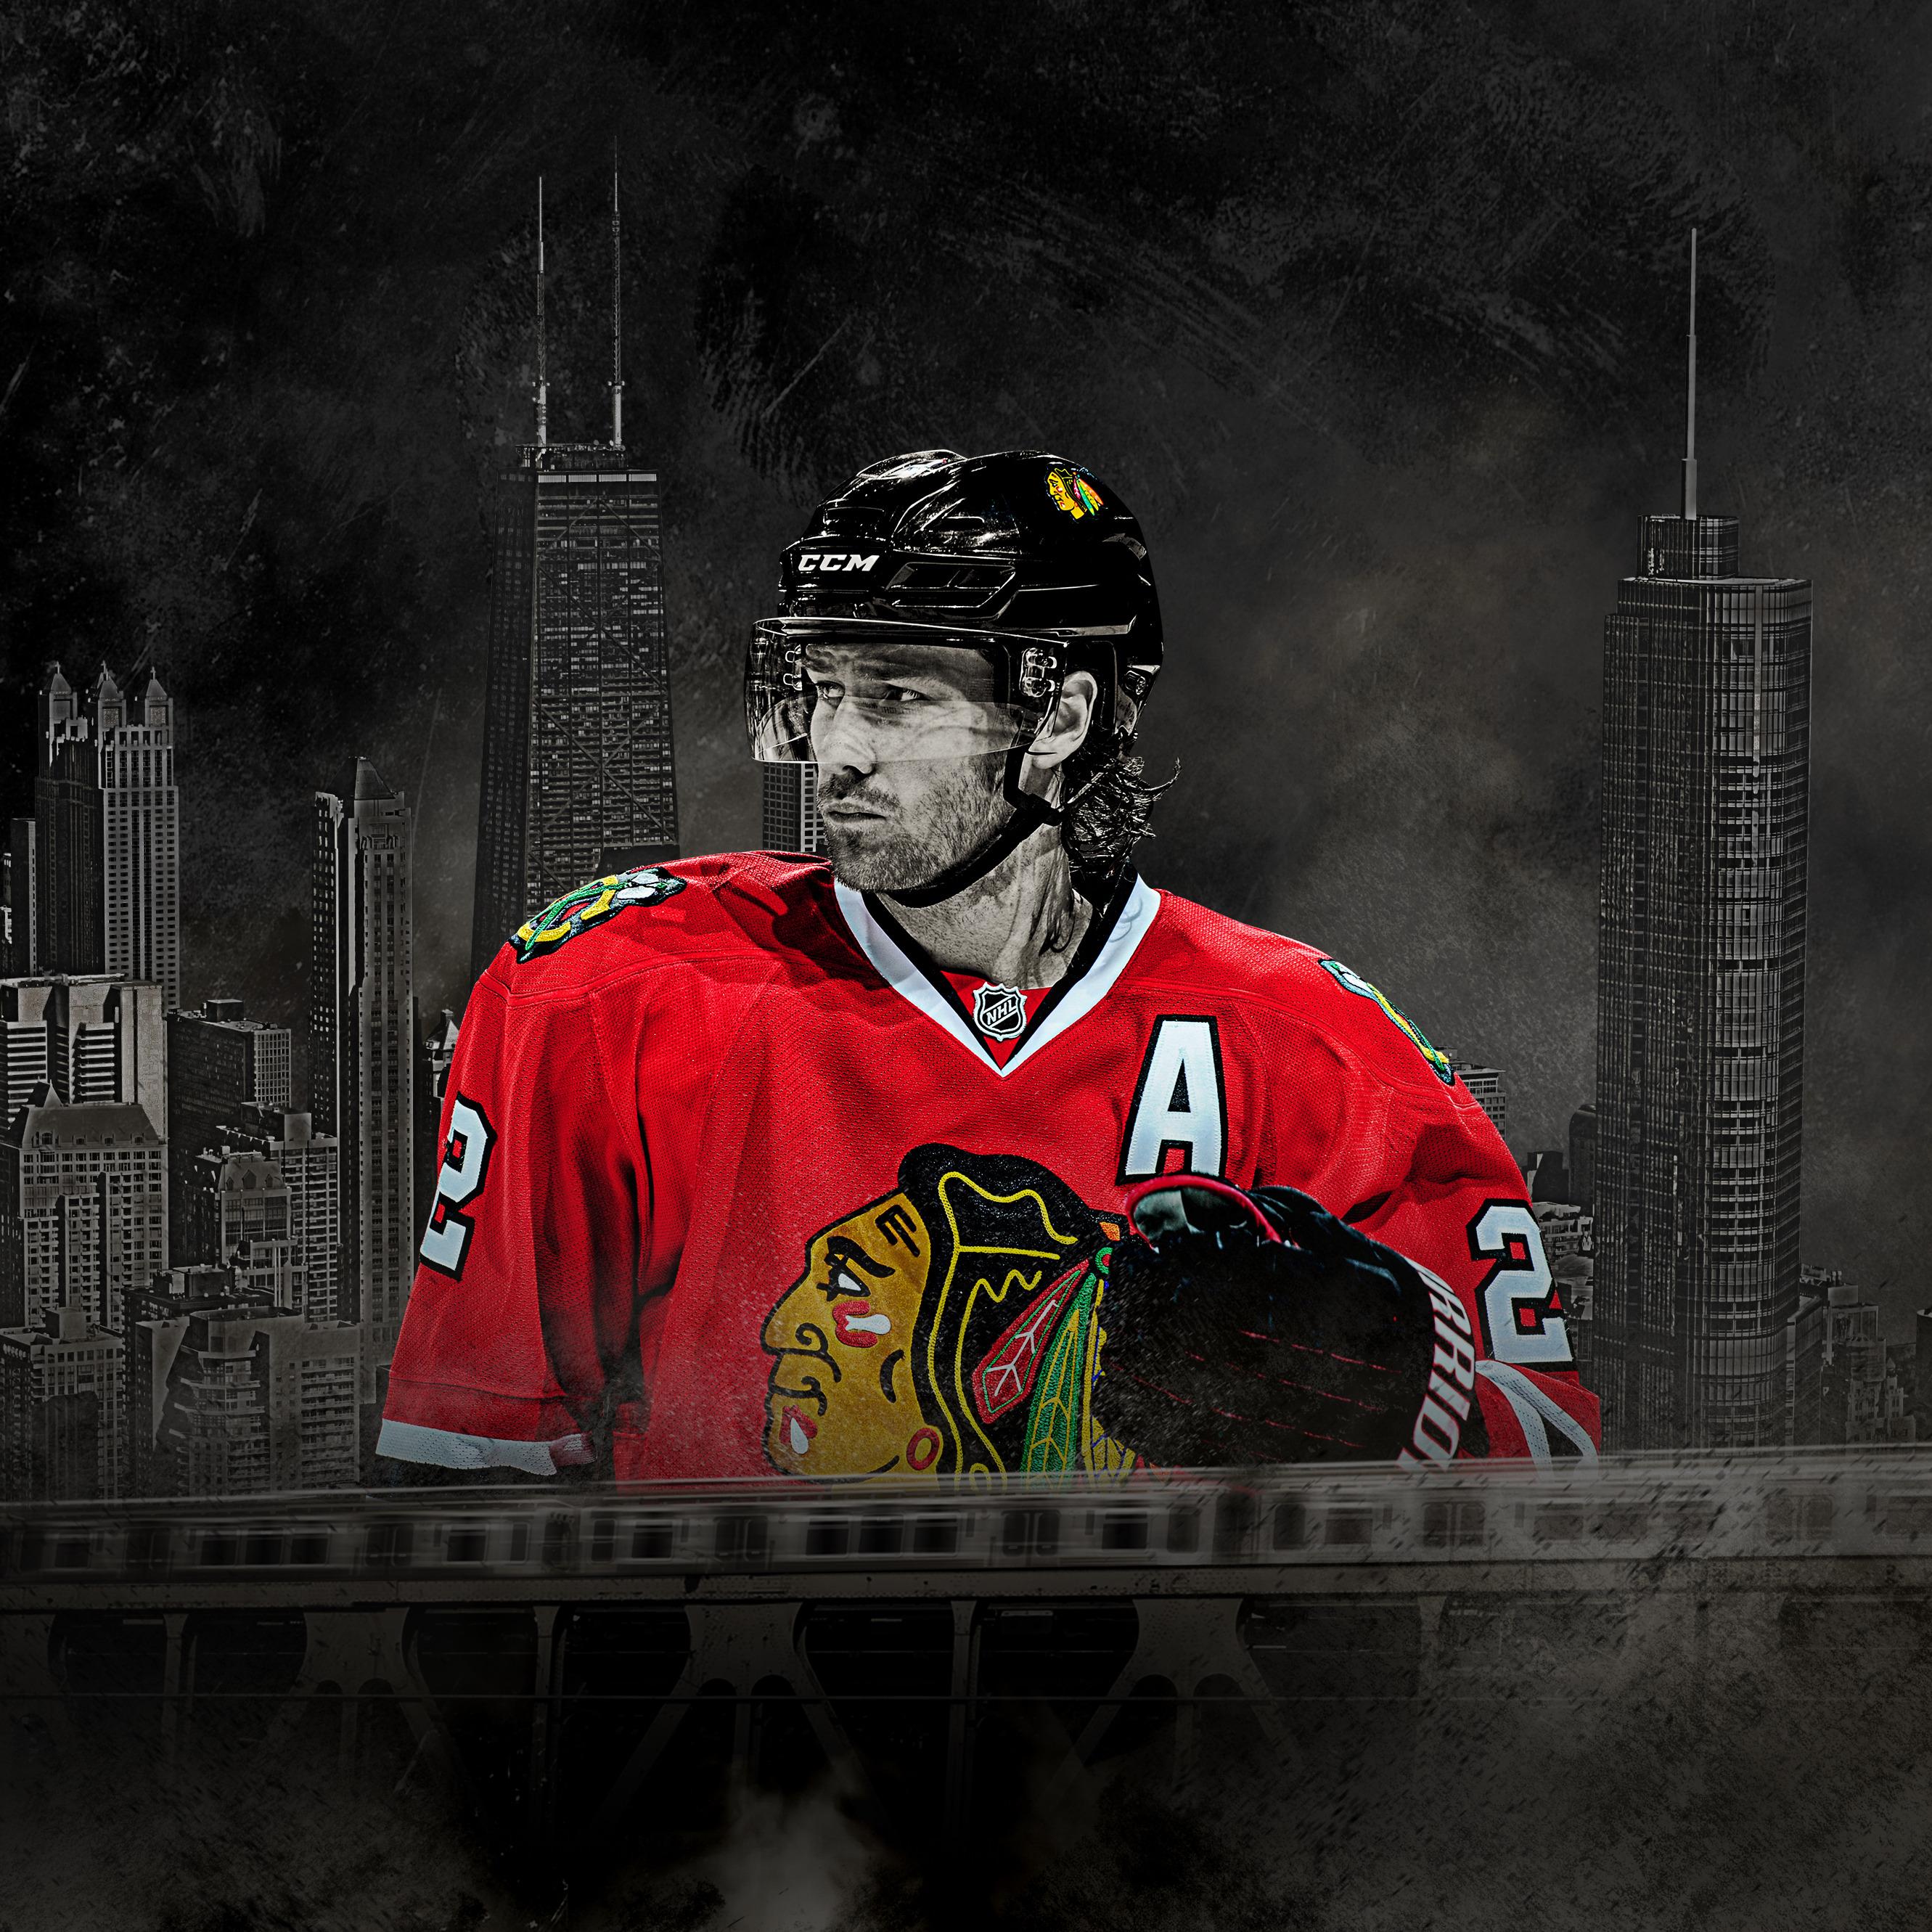 Mobile Wallpaper   Chicago Blackhawks   Multimedia 2662x2662